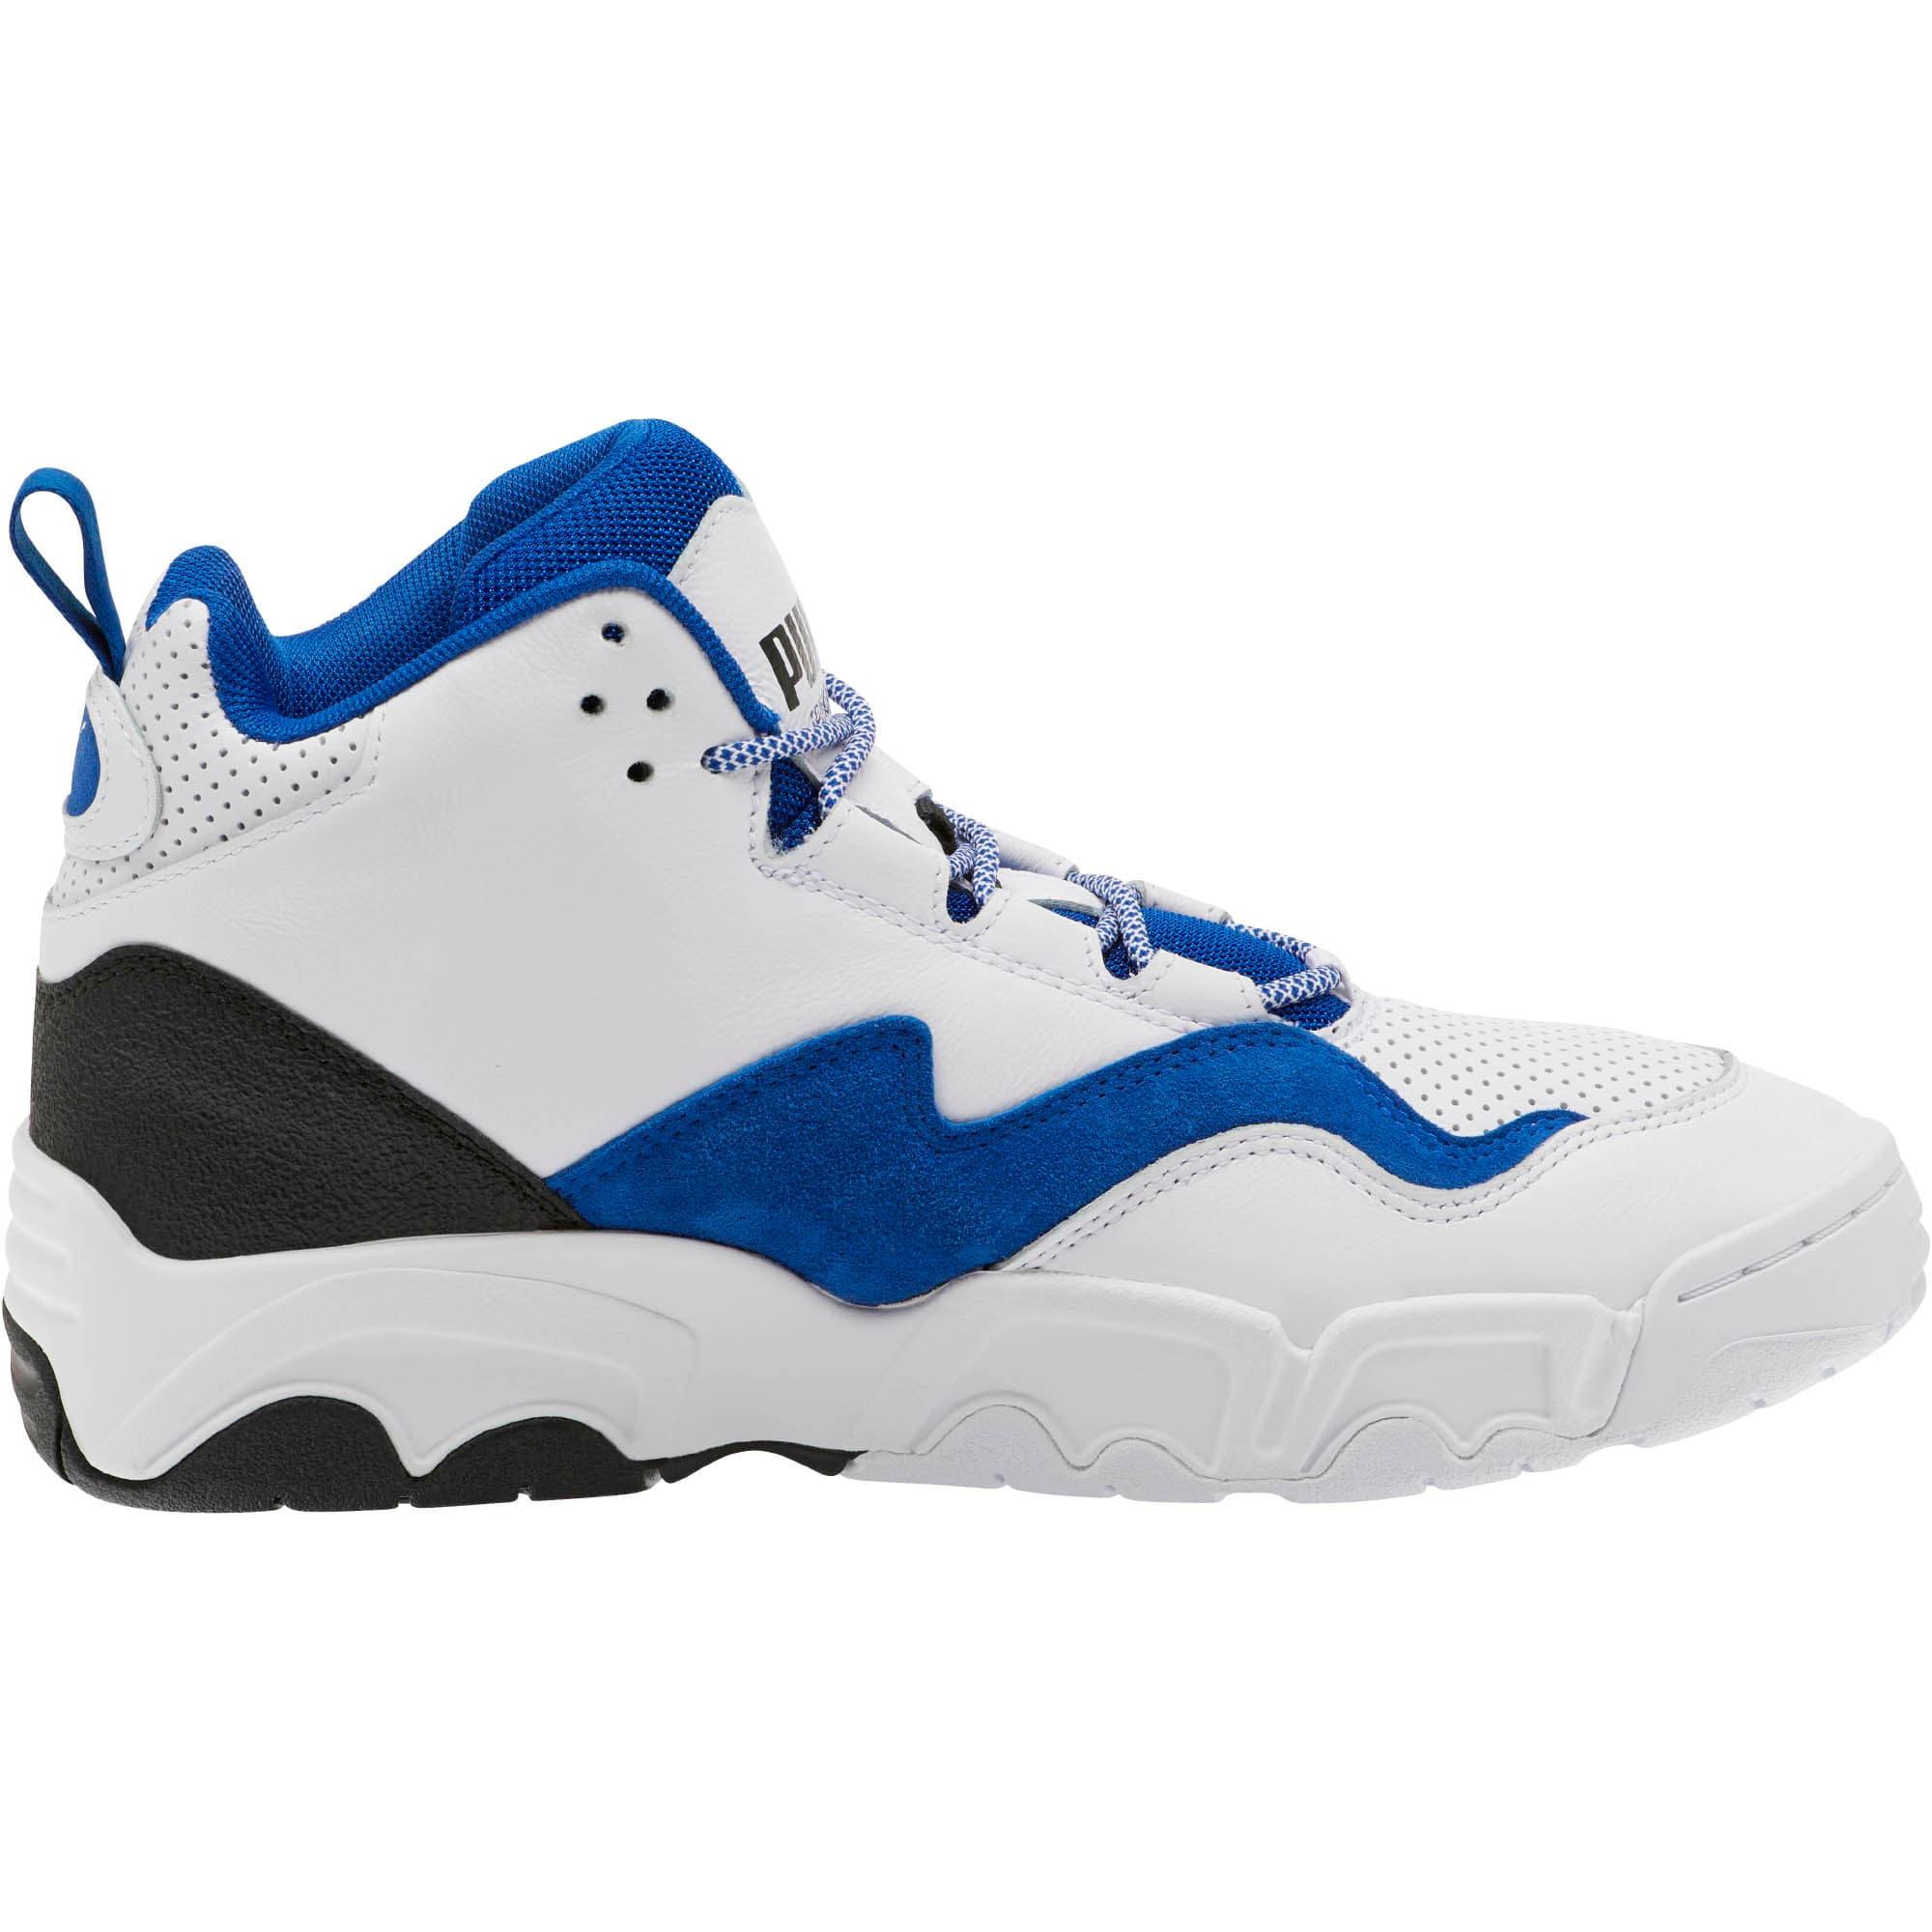 Miniatura 4 de Zapatos deportivos Source Mid Retro 2, P White-Surf The Web-Puma Bl, mediano